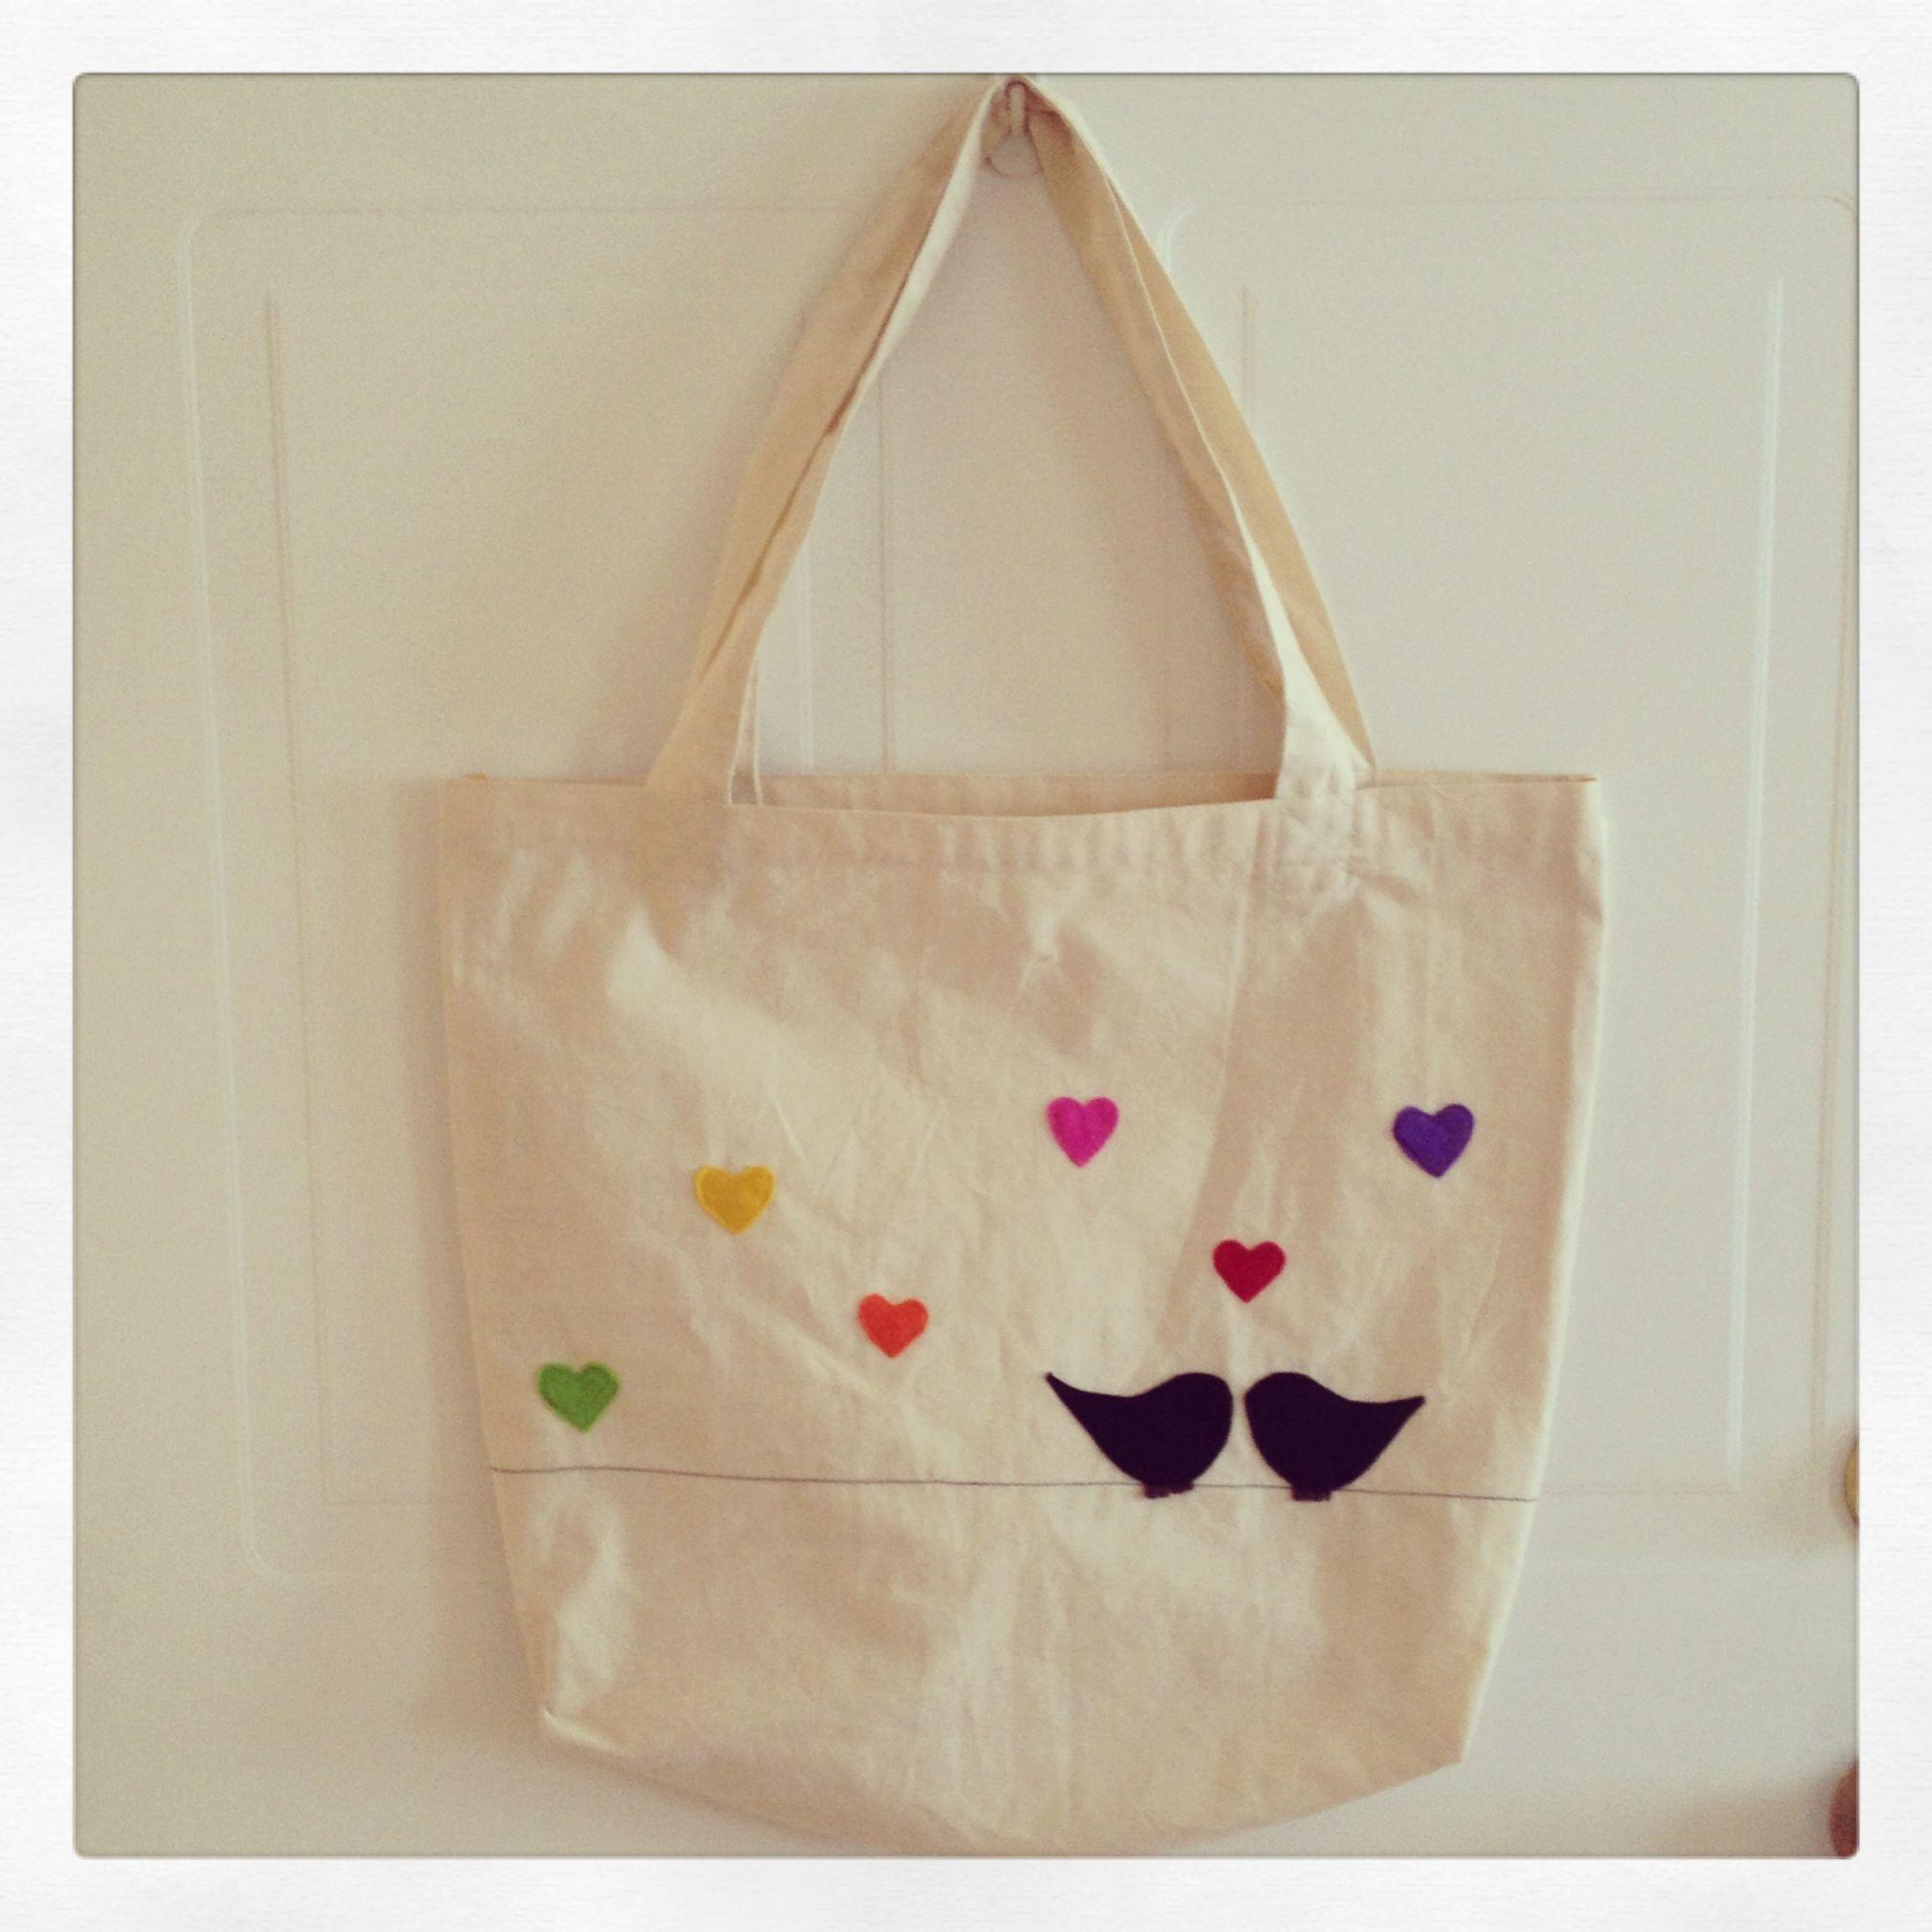 Bolsade género (Tote bag) Diseño pajaritos enamorados.